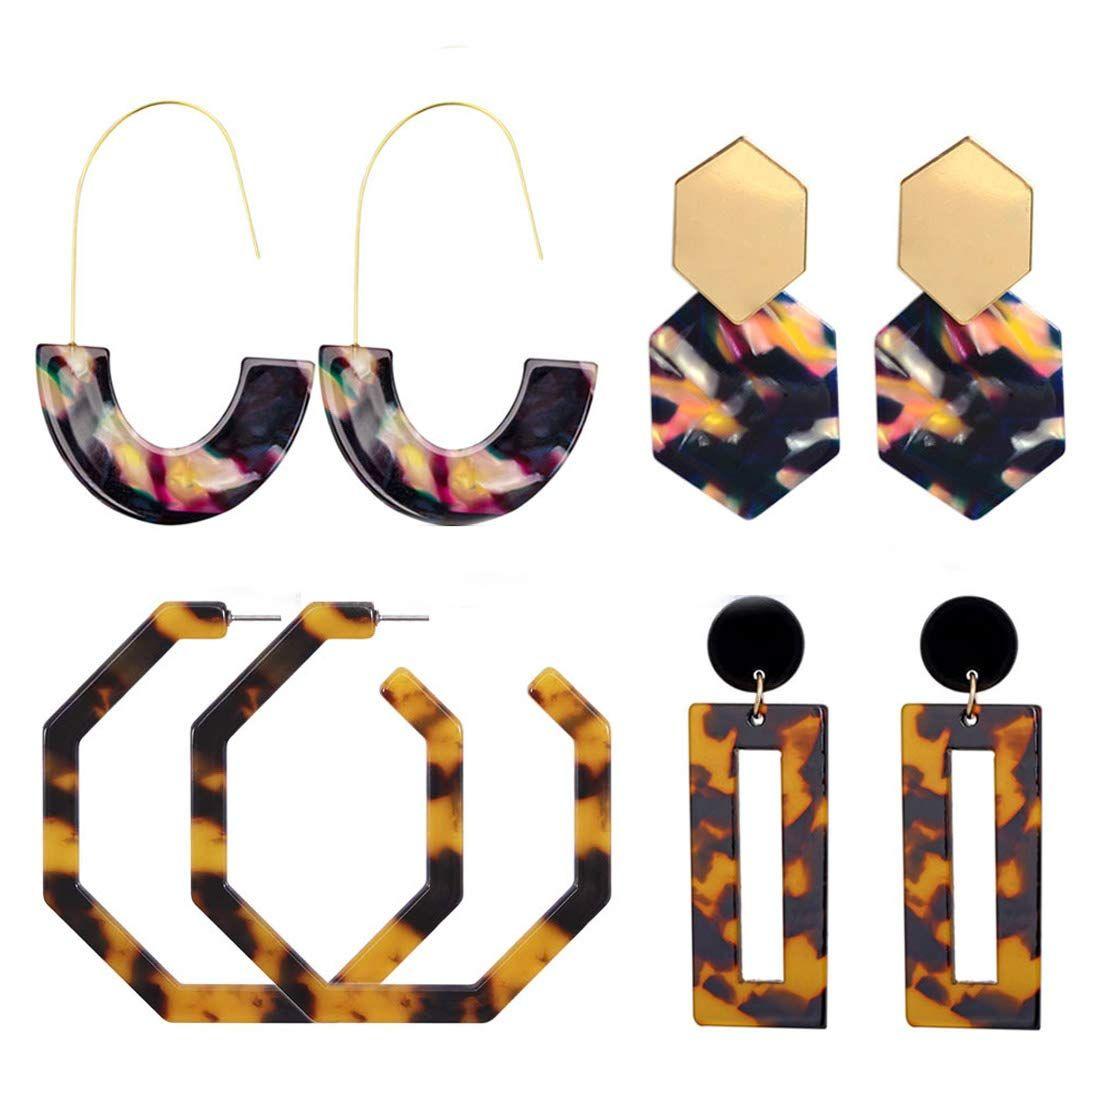 Boho Acrylic Statement Long Tassel Earrings Fashion Hoop Resin Dangle Earrings